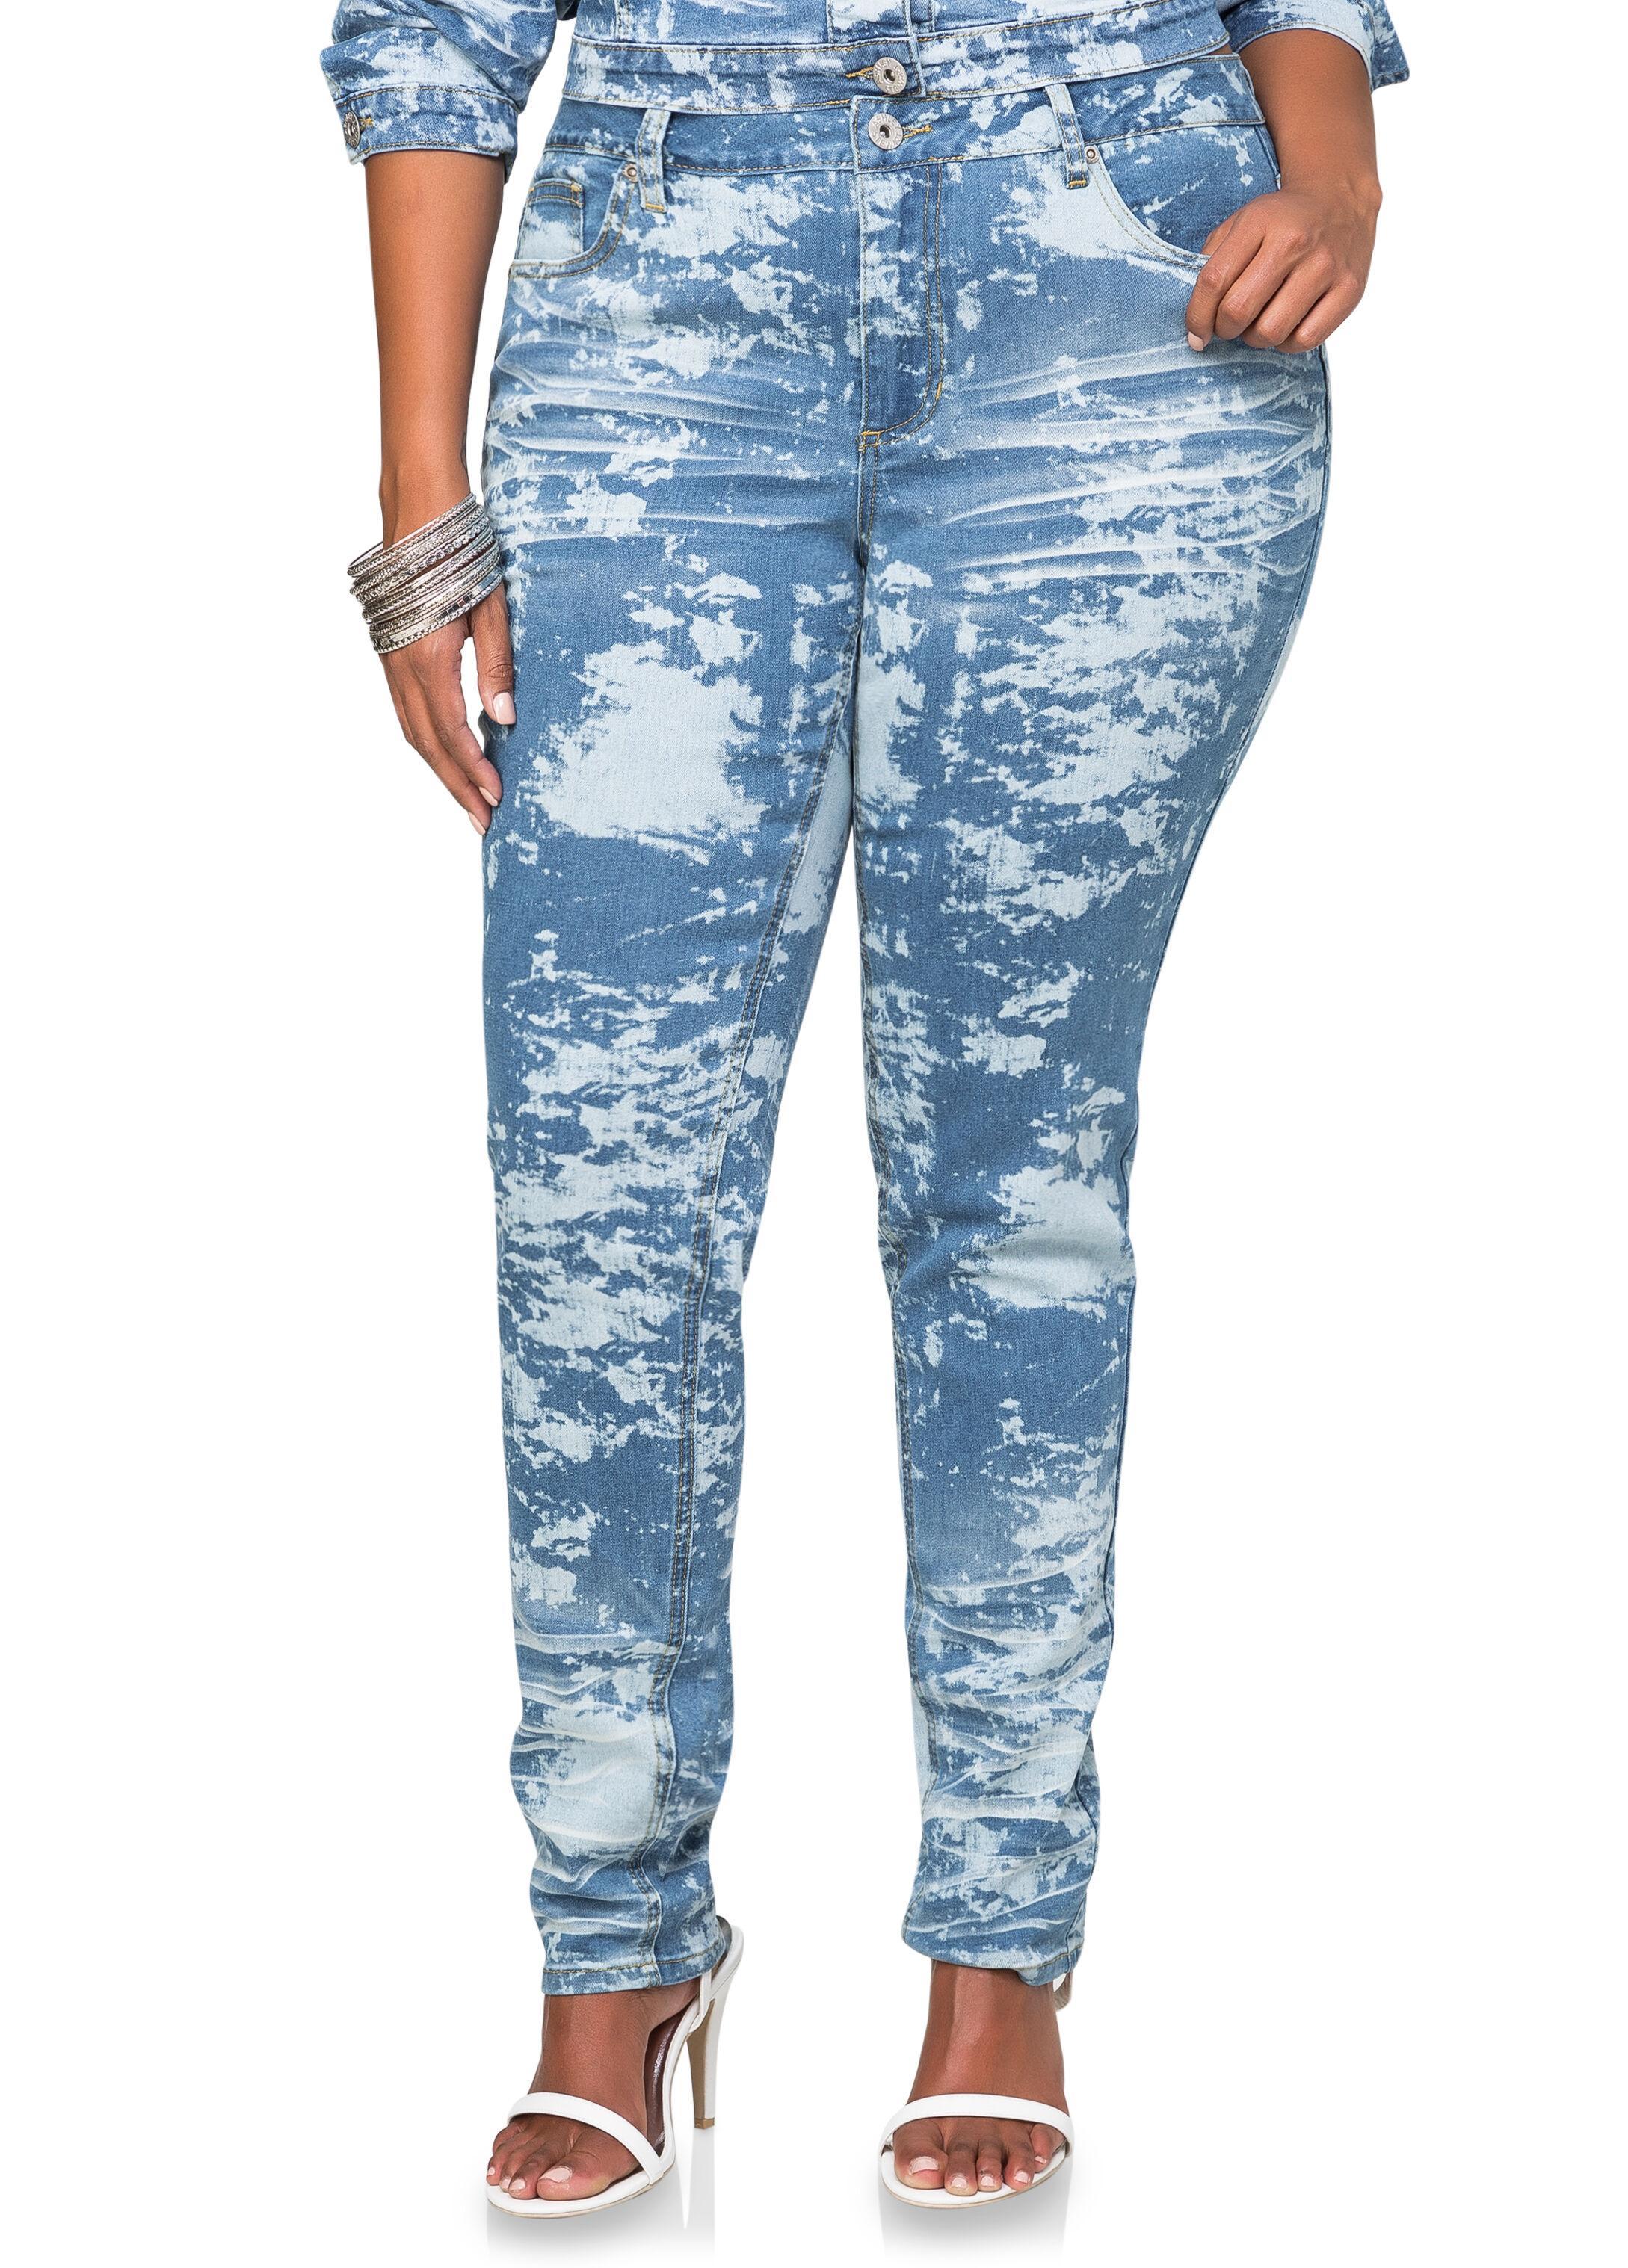 Splash Wash Skinny Jean